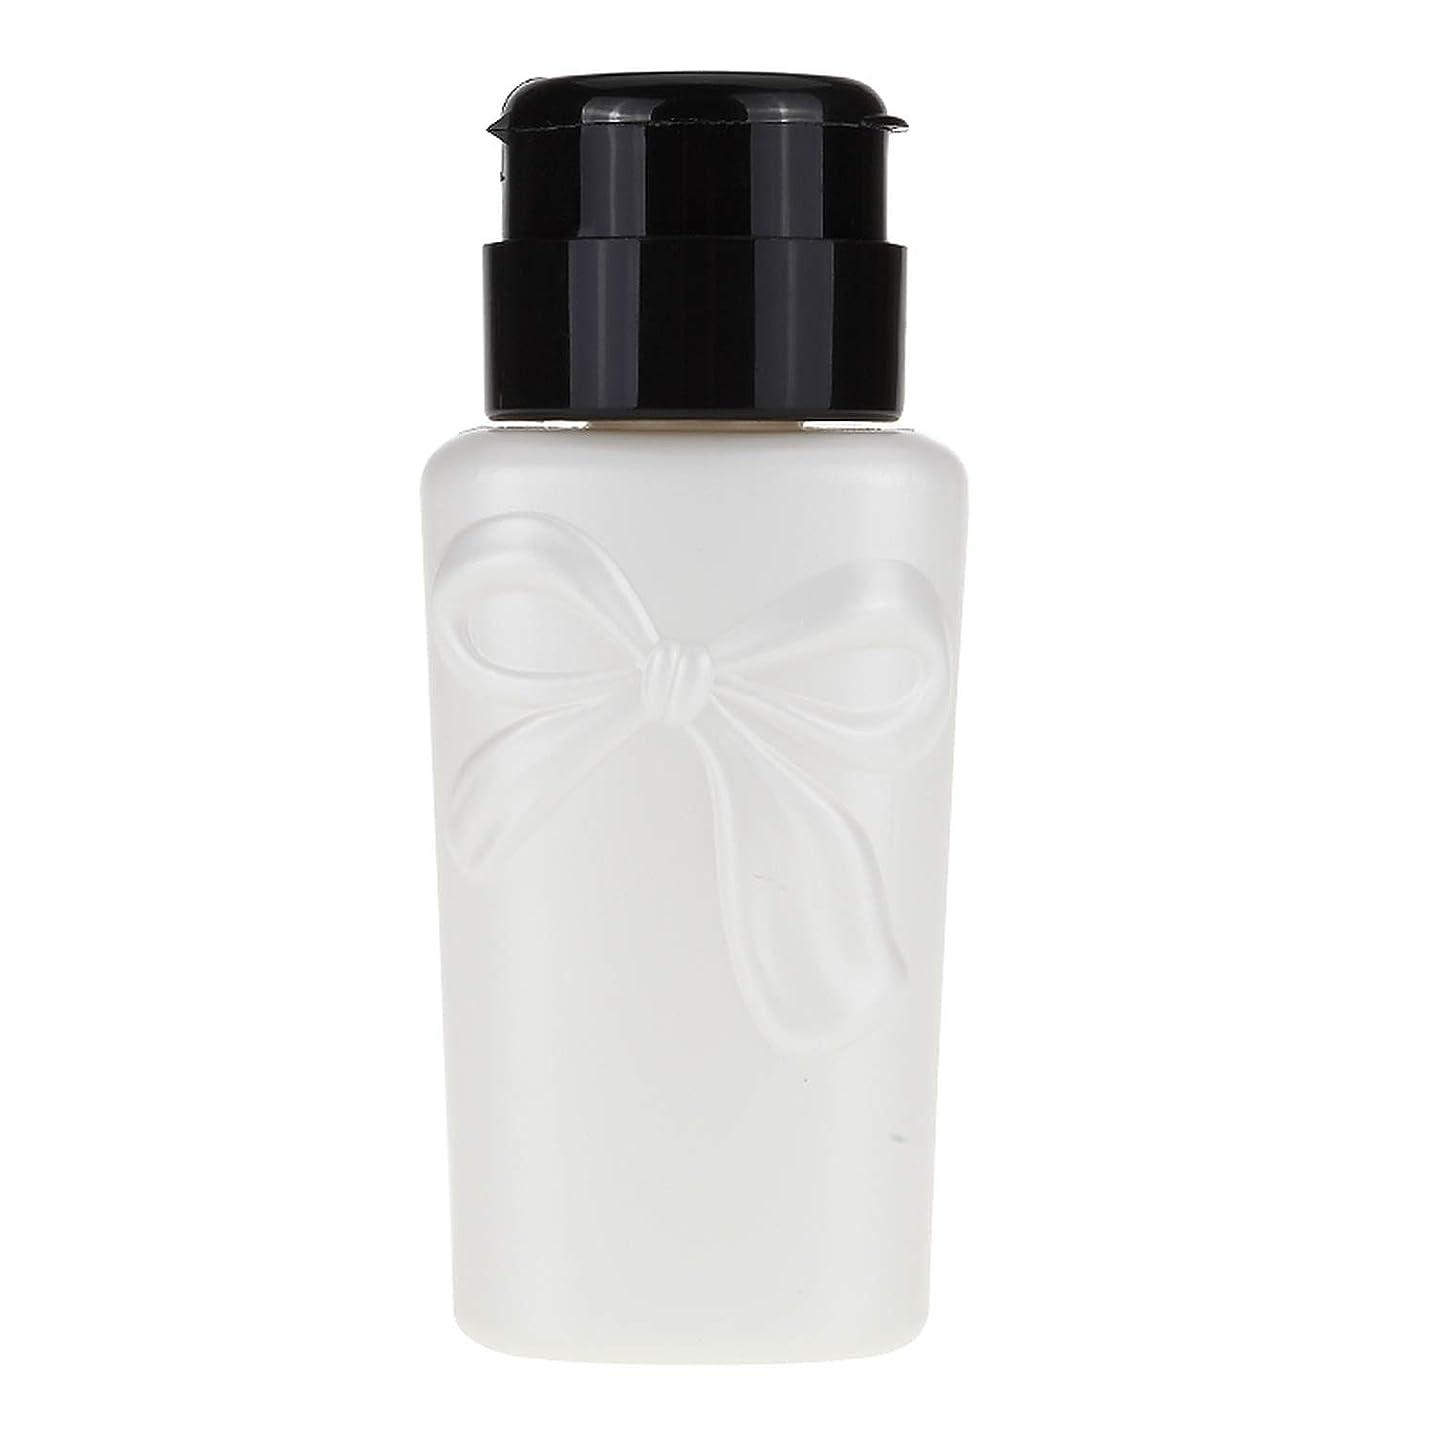 230ミリリットルネイルアート耐圧瓶UVジェルポリッシュ液体アルコールストレージ押してポンプディスペンサー空のボトルマニキュアツールを削除し、230ミリリットル、白、プラスチック